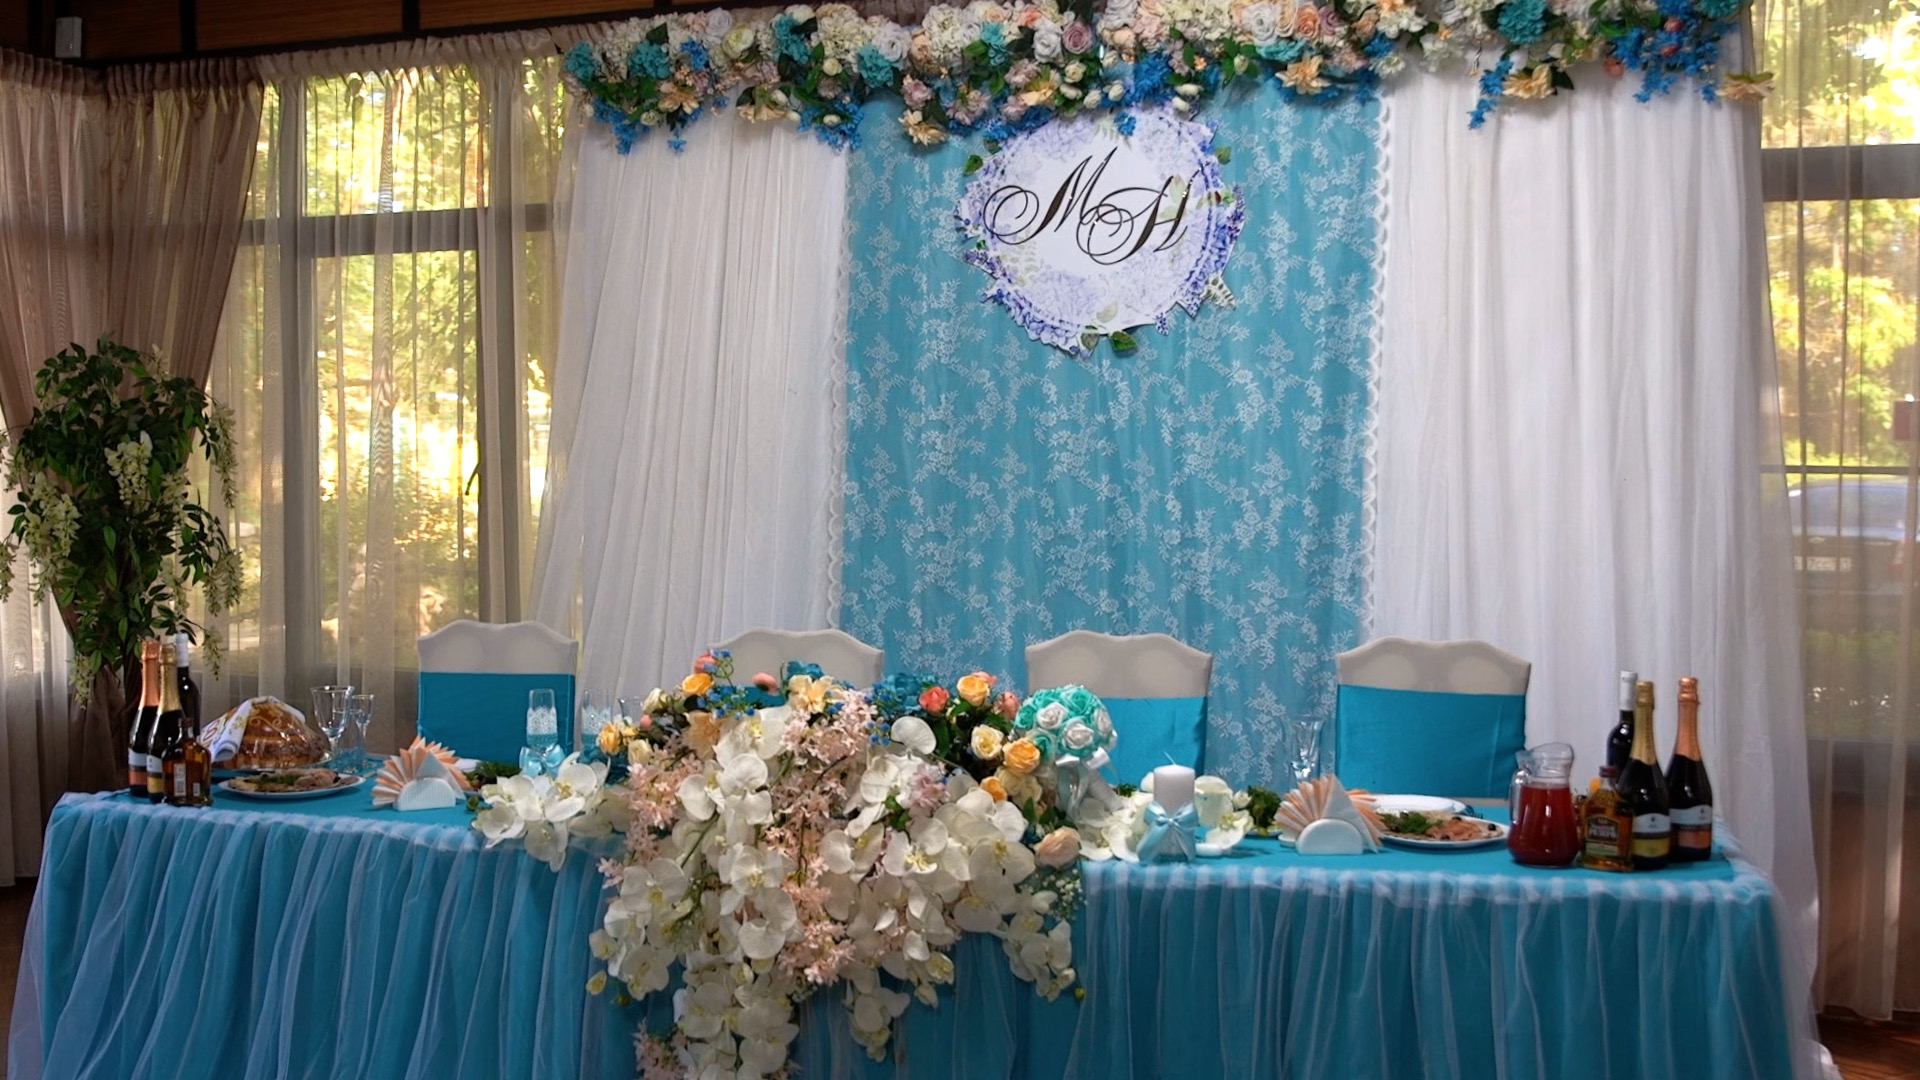 Аксессуары для свадьбы2345678-0